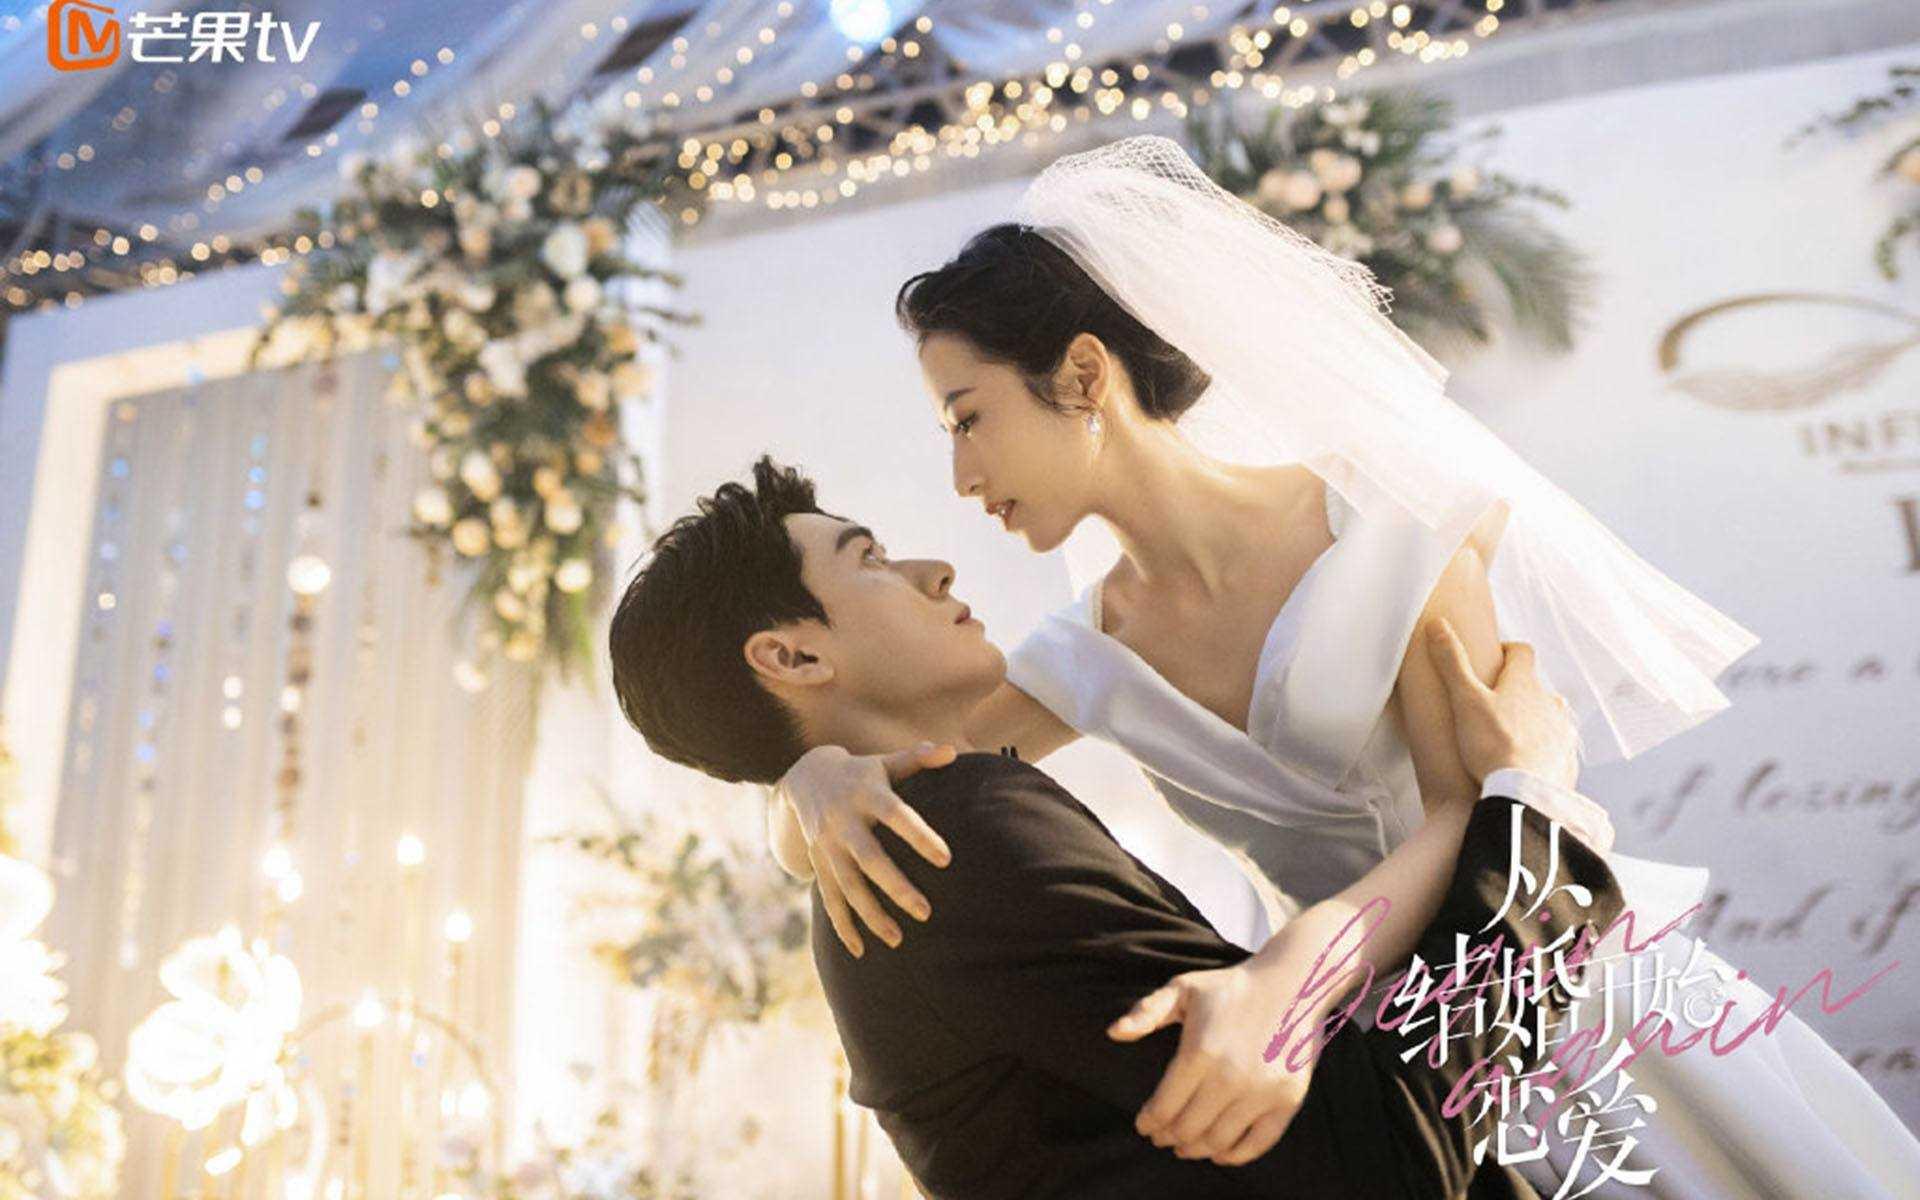 周雨彤从结婚开始恋爱同款衣服_从结婚开始恋爱同款睡衣